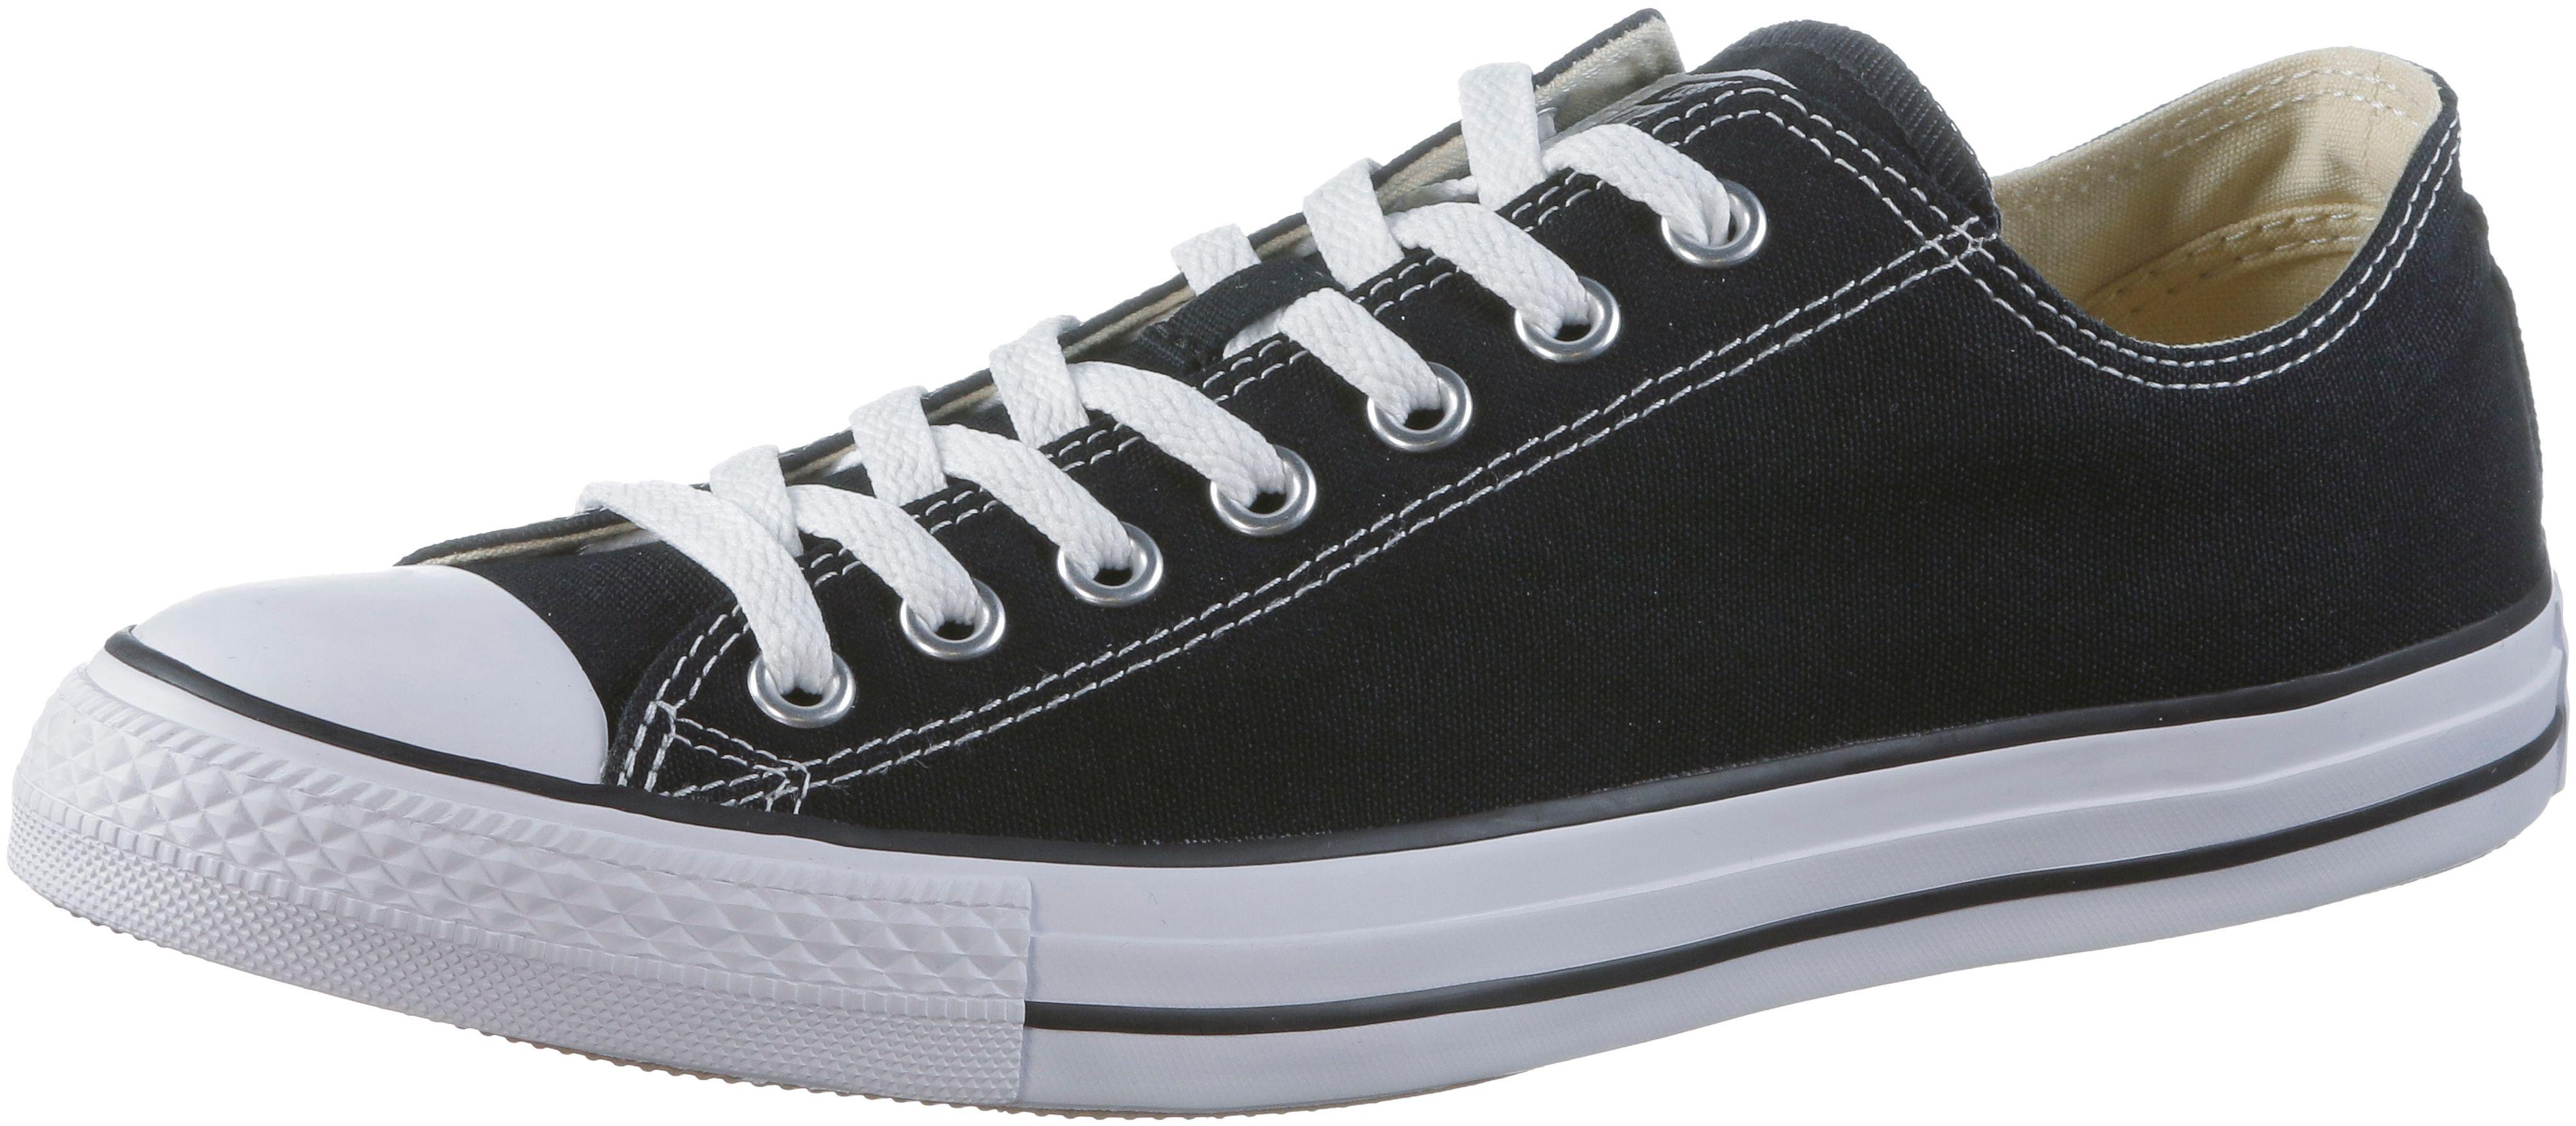 CONVERSE Chuck Taylor All Star Mono High Sneaker Damen, rot,Größen: 36 1/2, 37 1/2